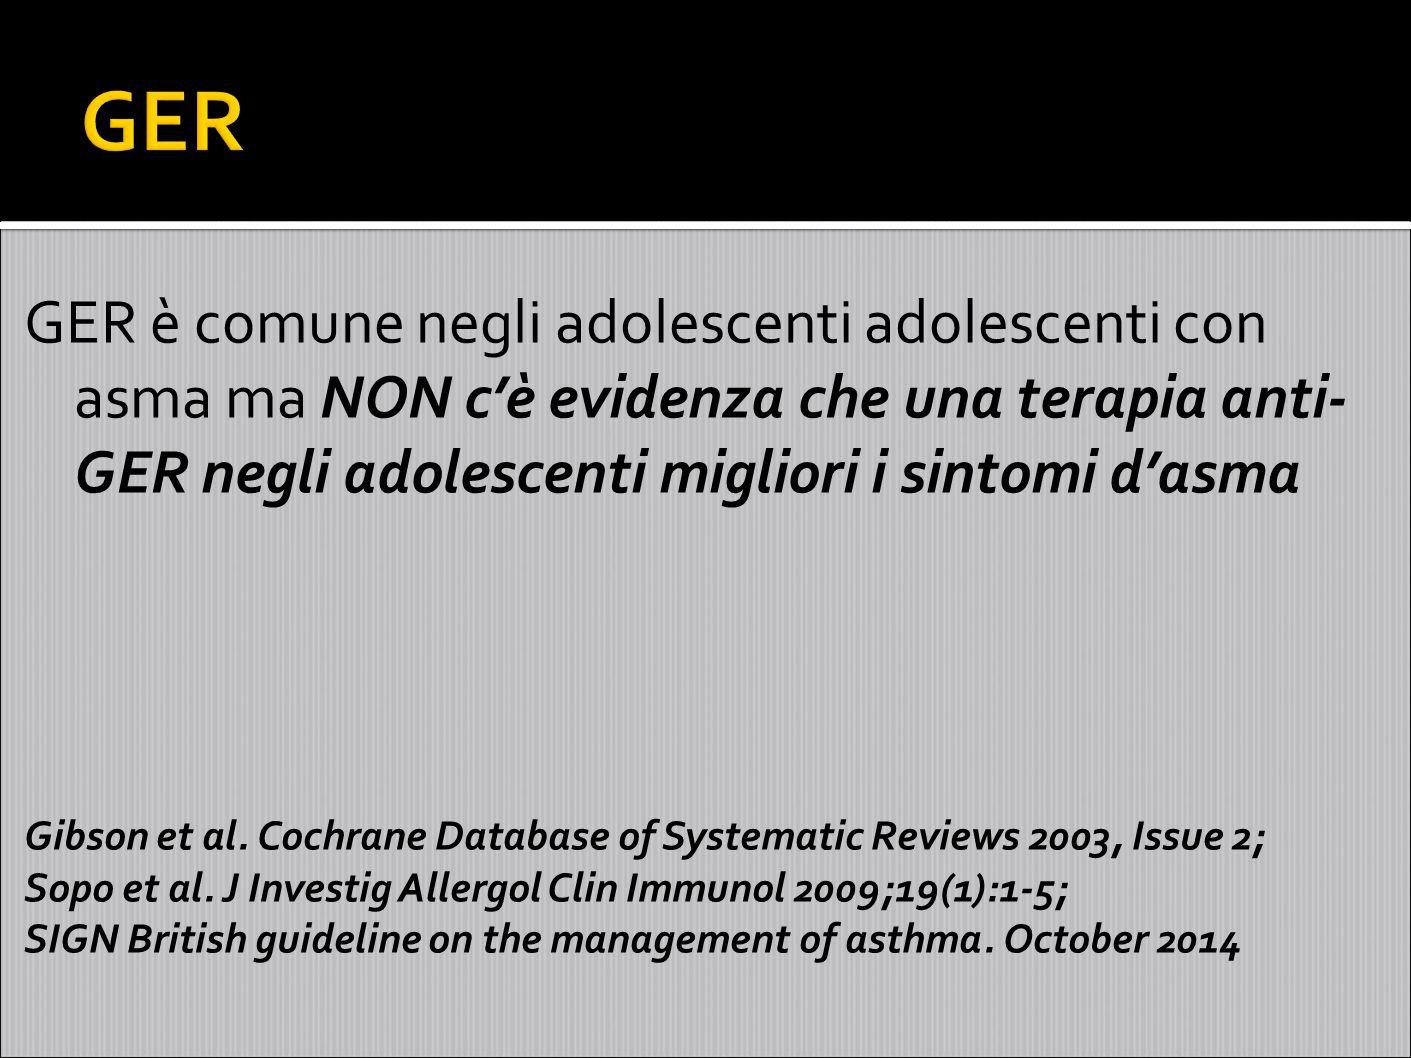 GER GER è comune negli adolescenti adolescenti con asma ma NON c'è evidenza che una terapia anti-GER negli adolescenti migliori i sintomi d'asma.